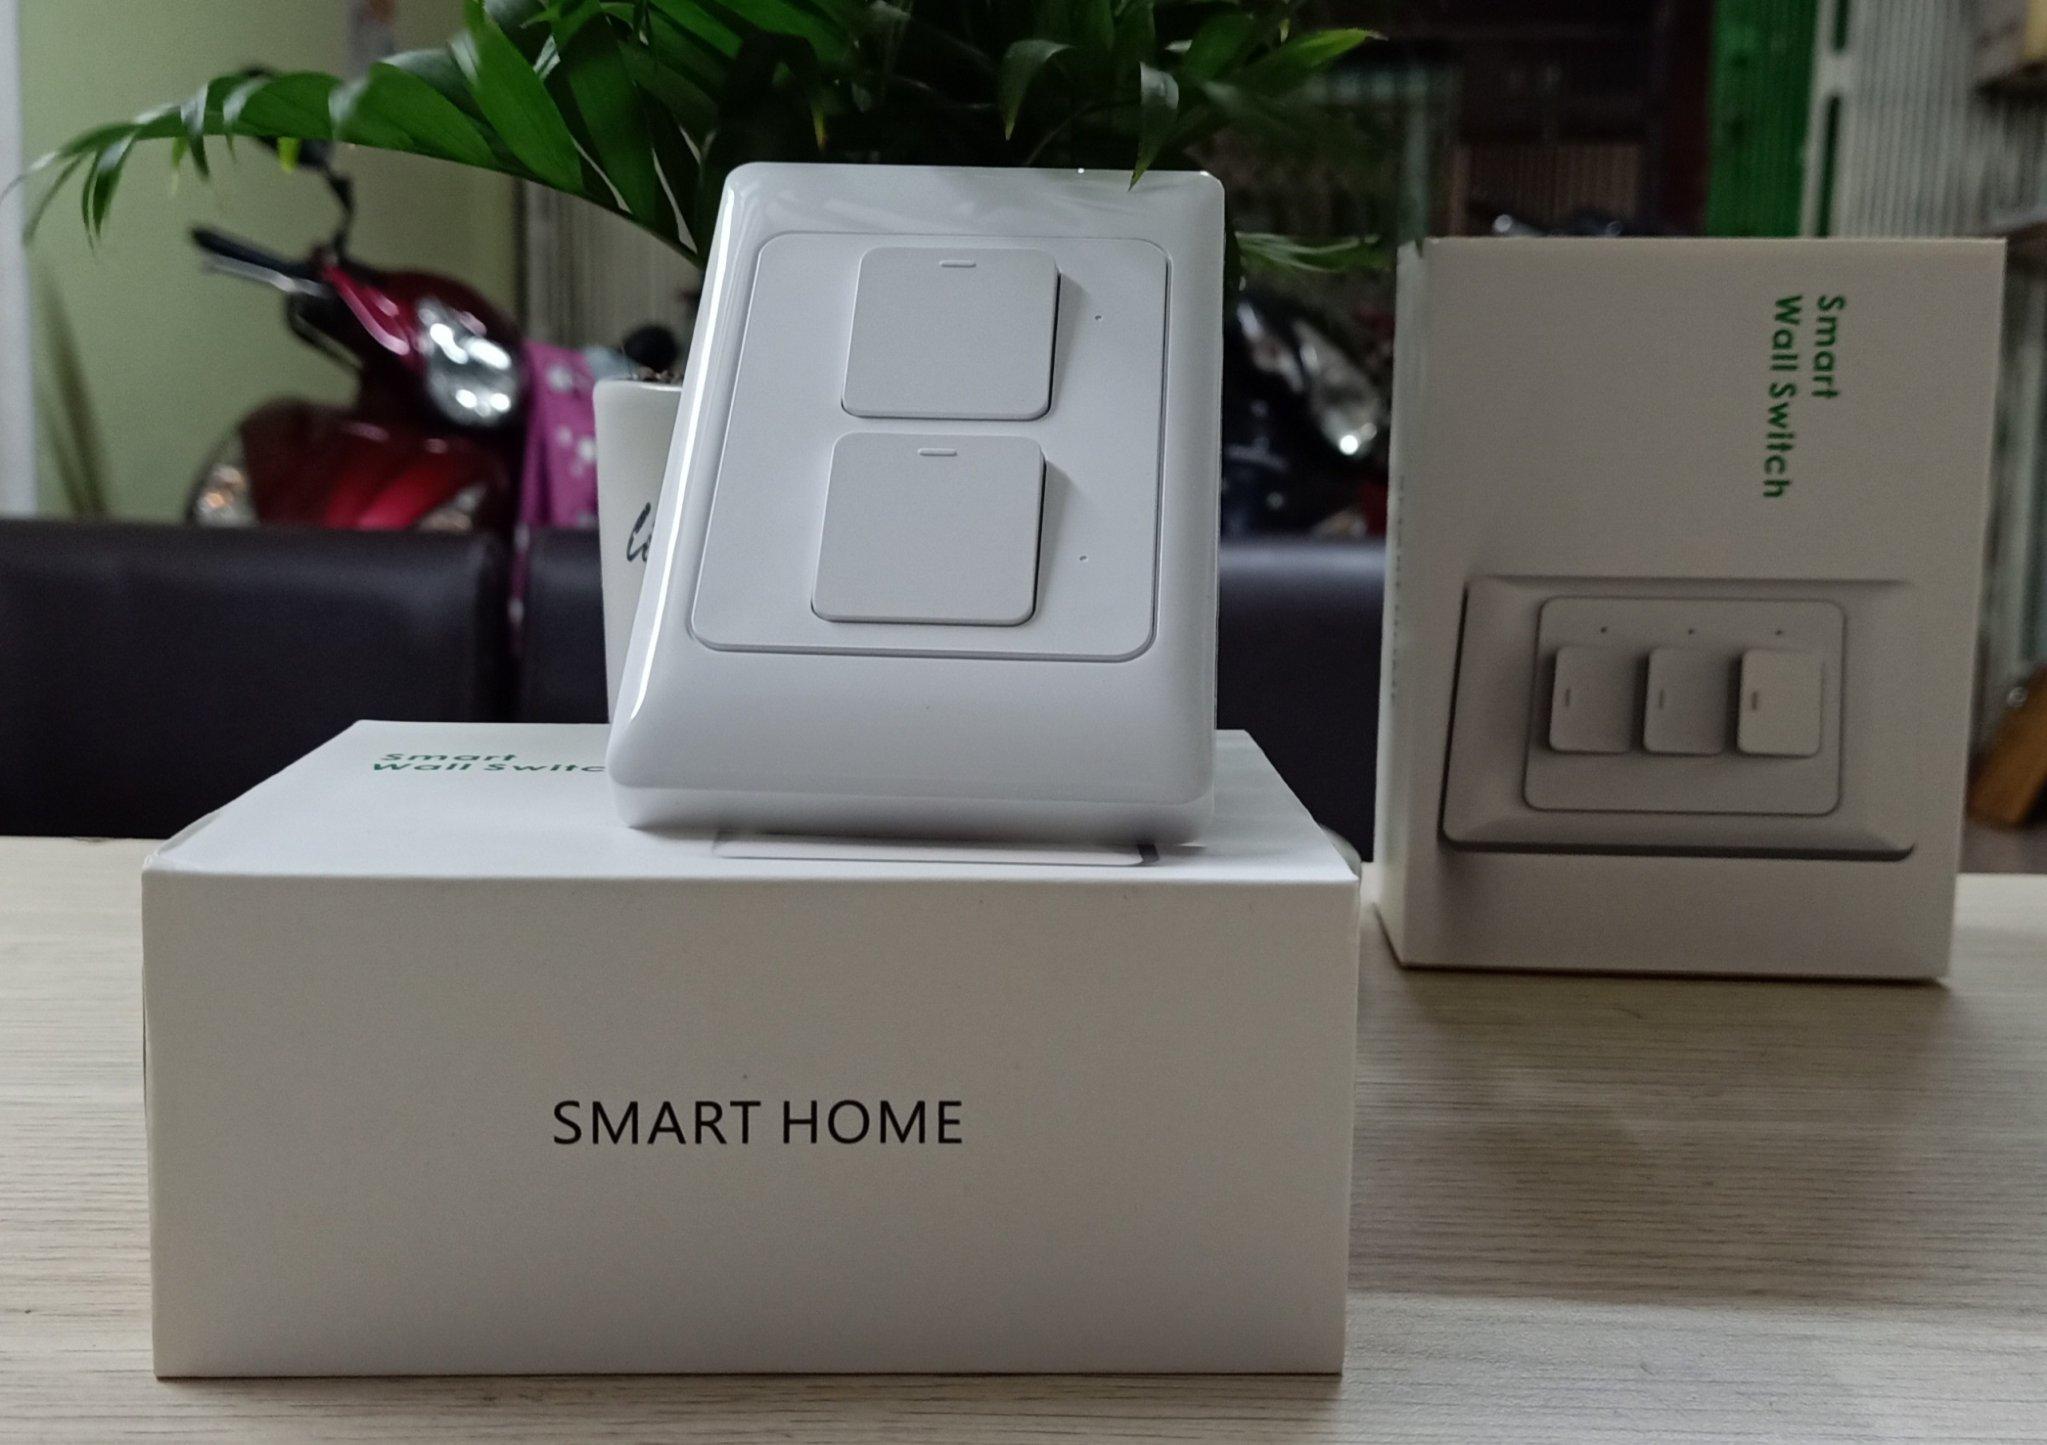 Công tắc cơ Wifi thông minh điều khiển 2 bóng đèn từ xa qua Smartphone HCN White - Hàng nhập khẩu